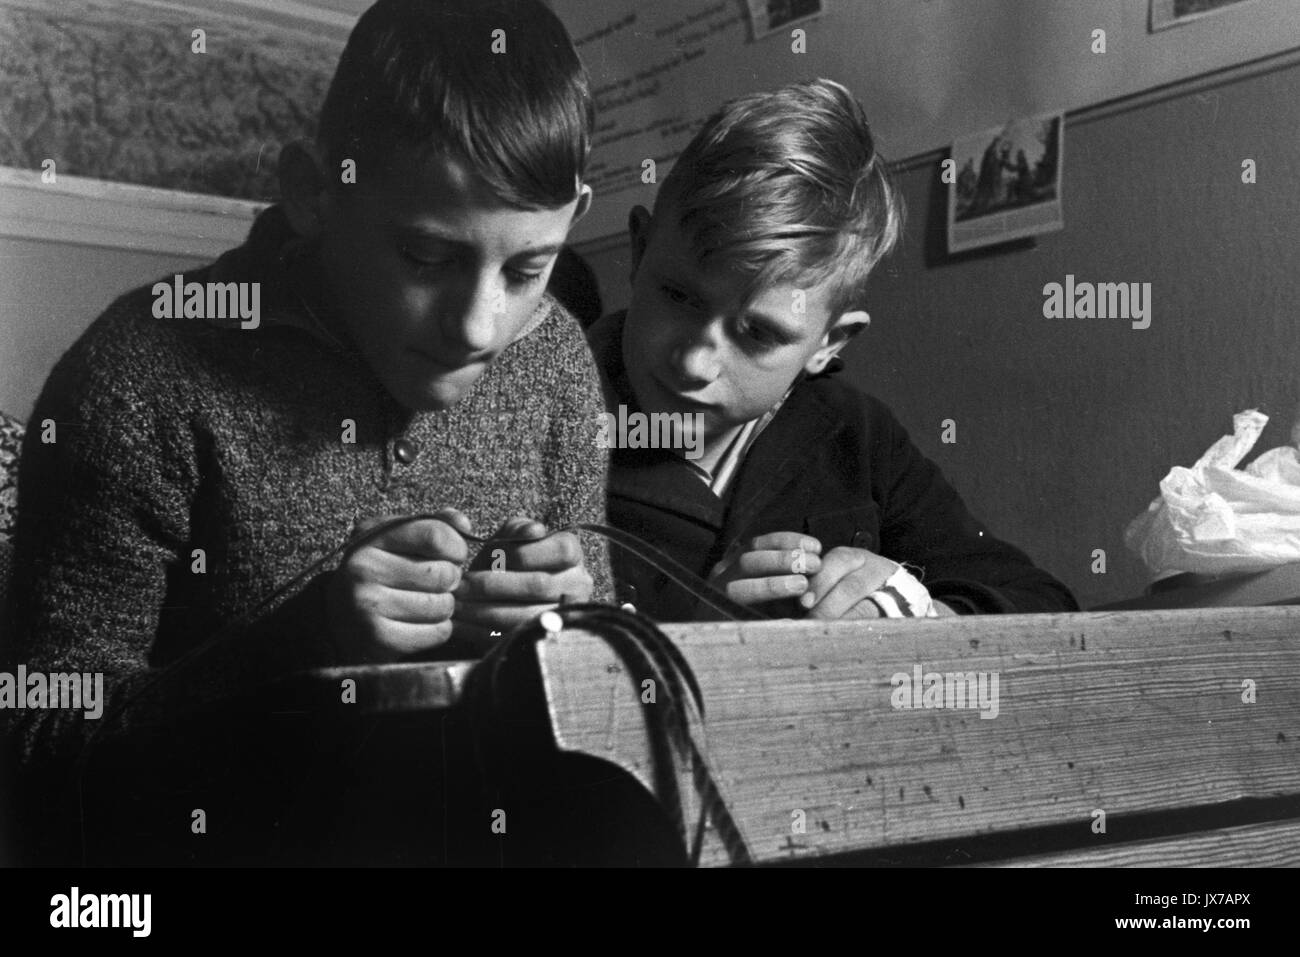 Scolari guardando vecchi celluloide filmina in aula. Foto Stock